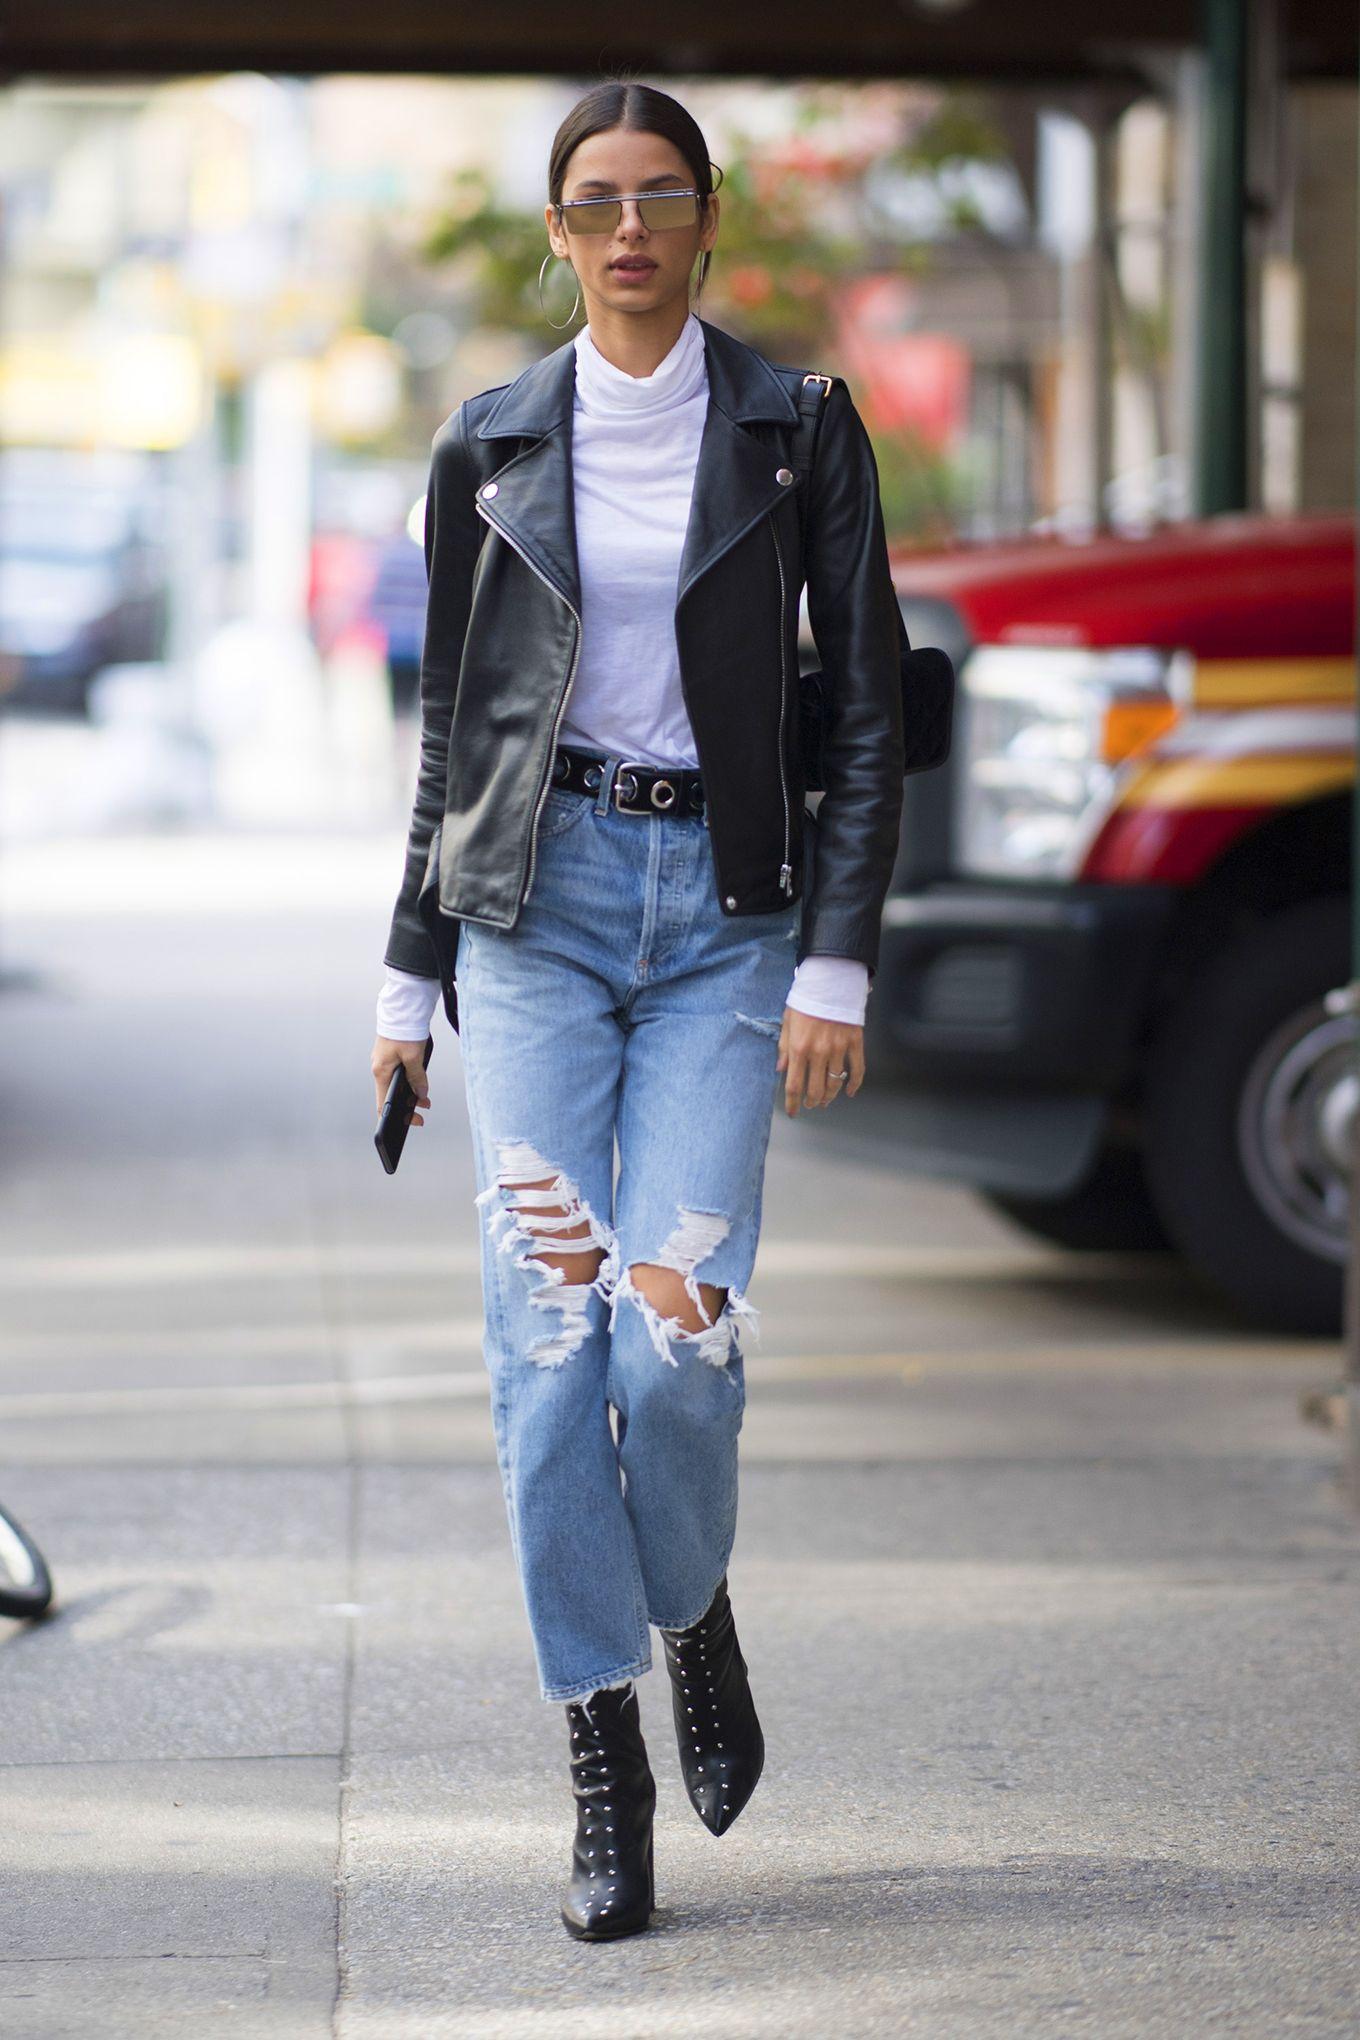 Jeans strappati donna moda inverno 2018: come abbinarli